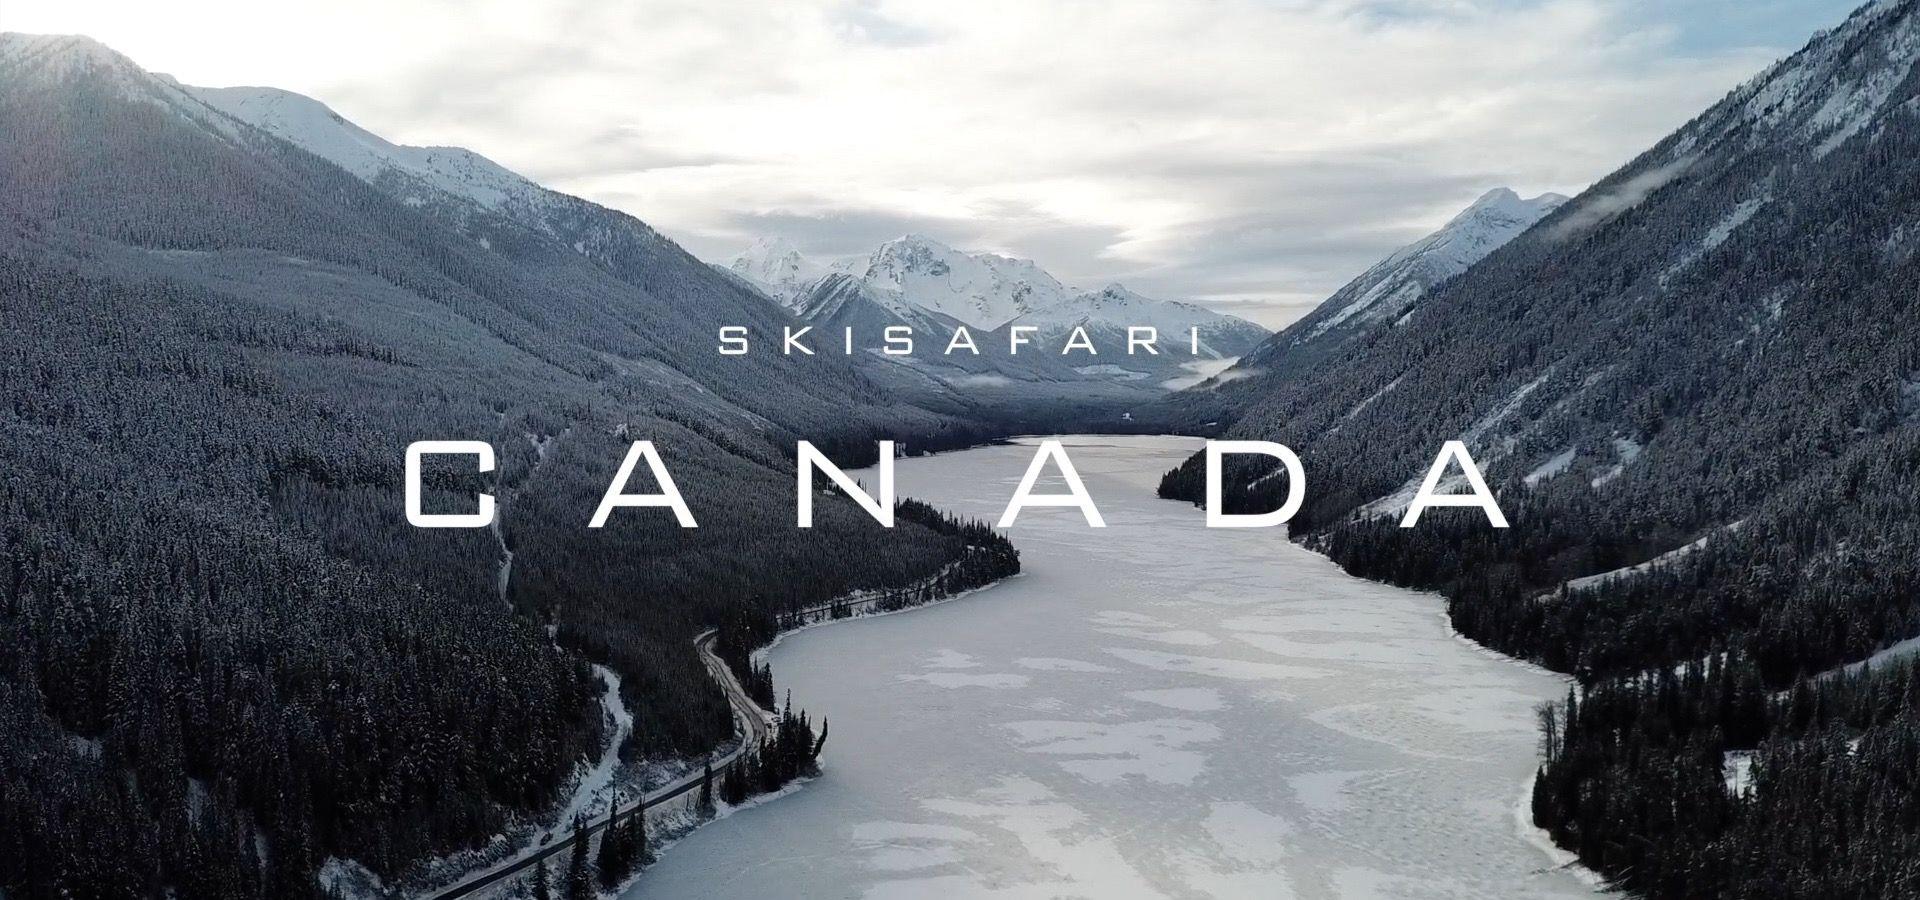 Video van skisafari Canada met Banff, Jasper, Sun Peaks en Whistler